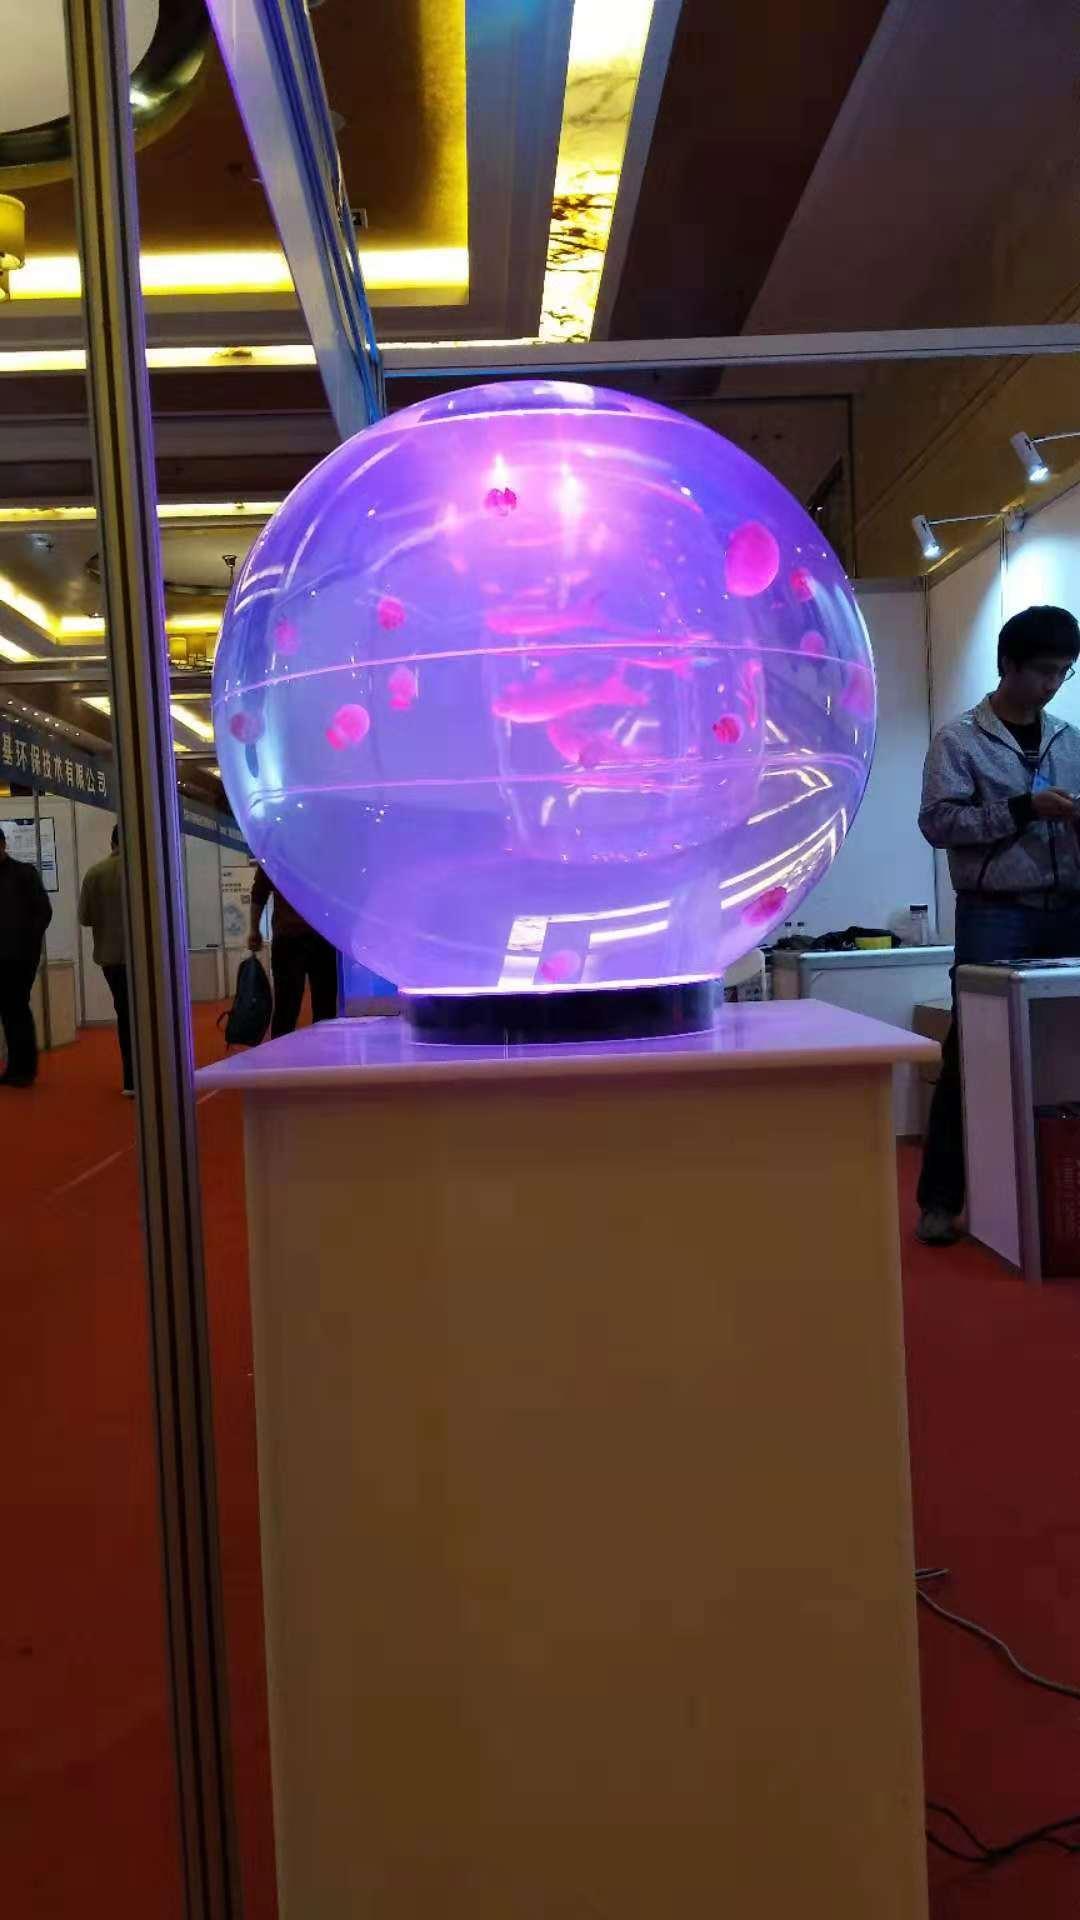 球形淡海水两用缸价格-选购球形淡海水两用缸优选蜀东有机玻璃